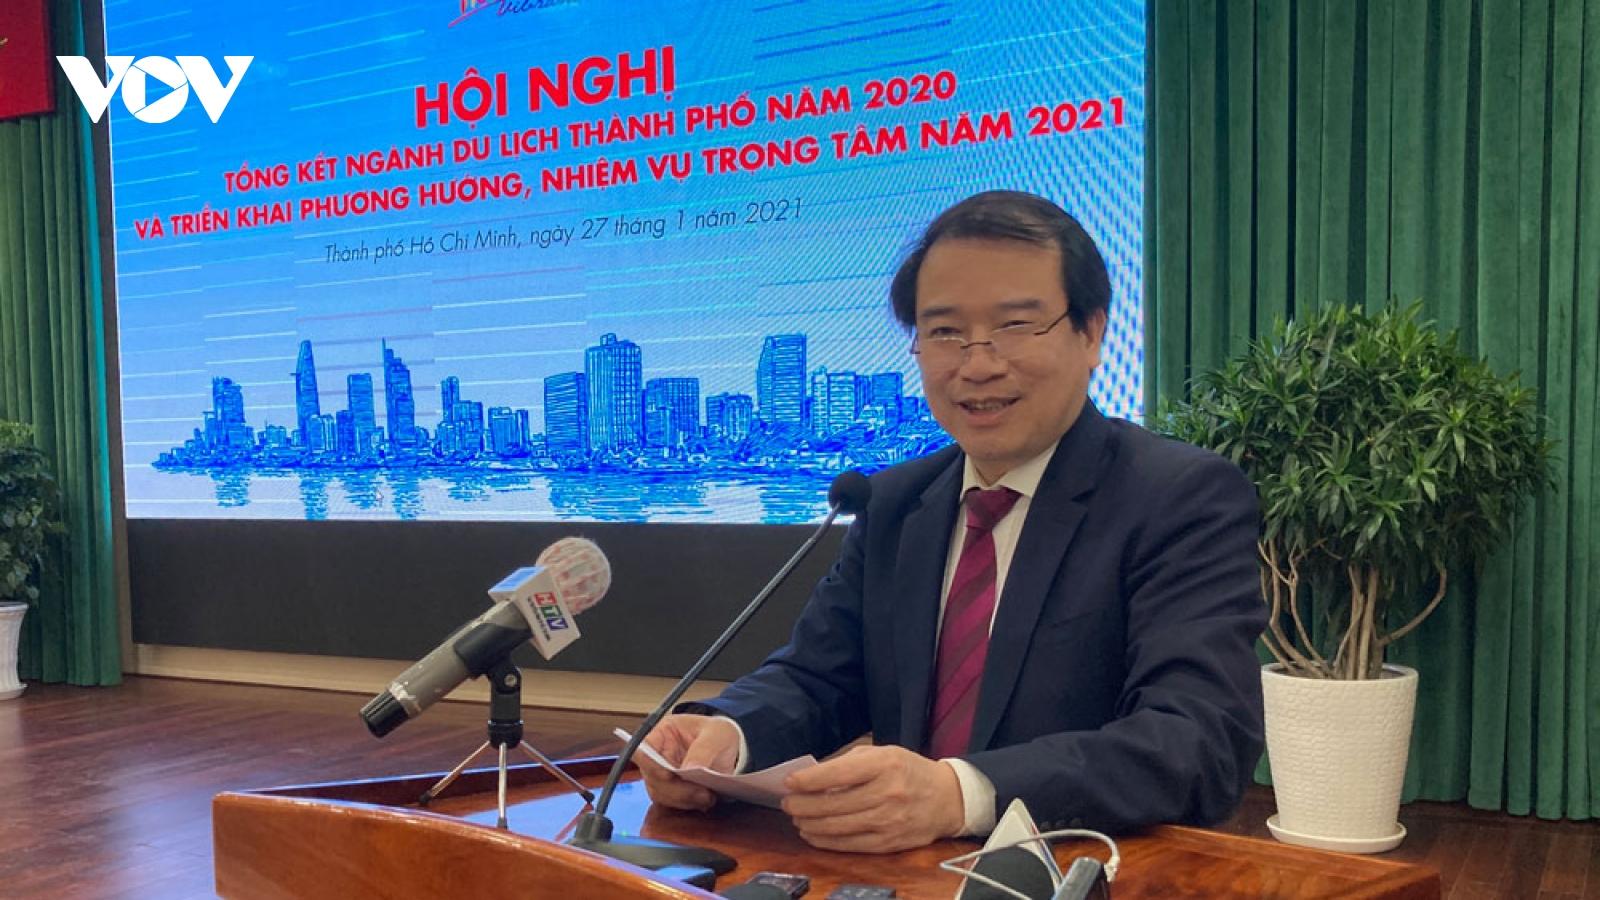 Doanh thu ngành du lịch TPHCM giảm hơn 55.000 tỷ đồng